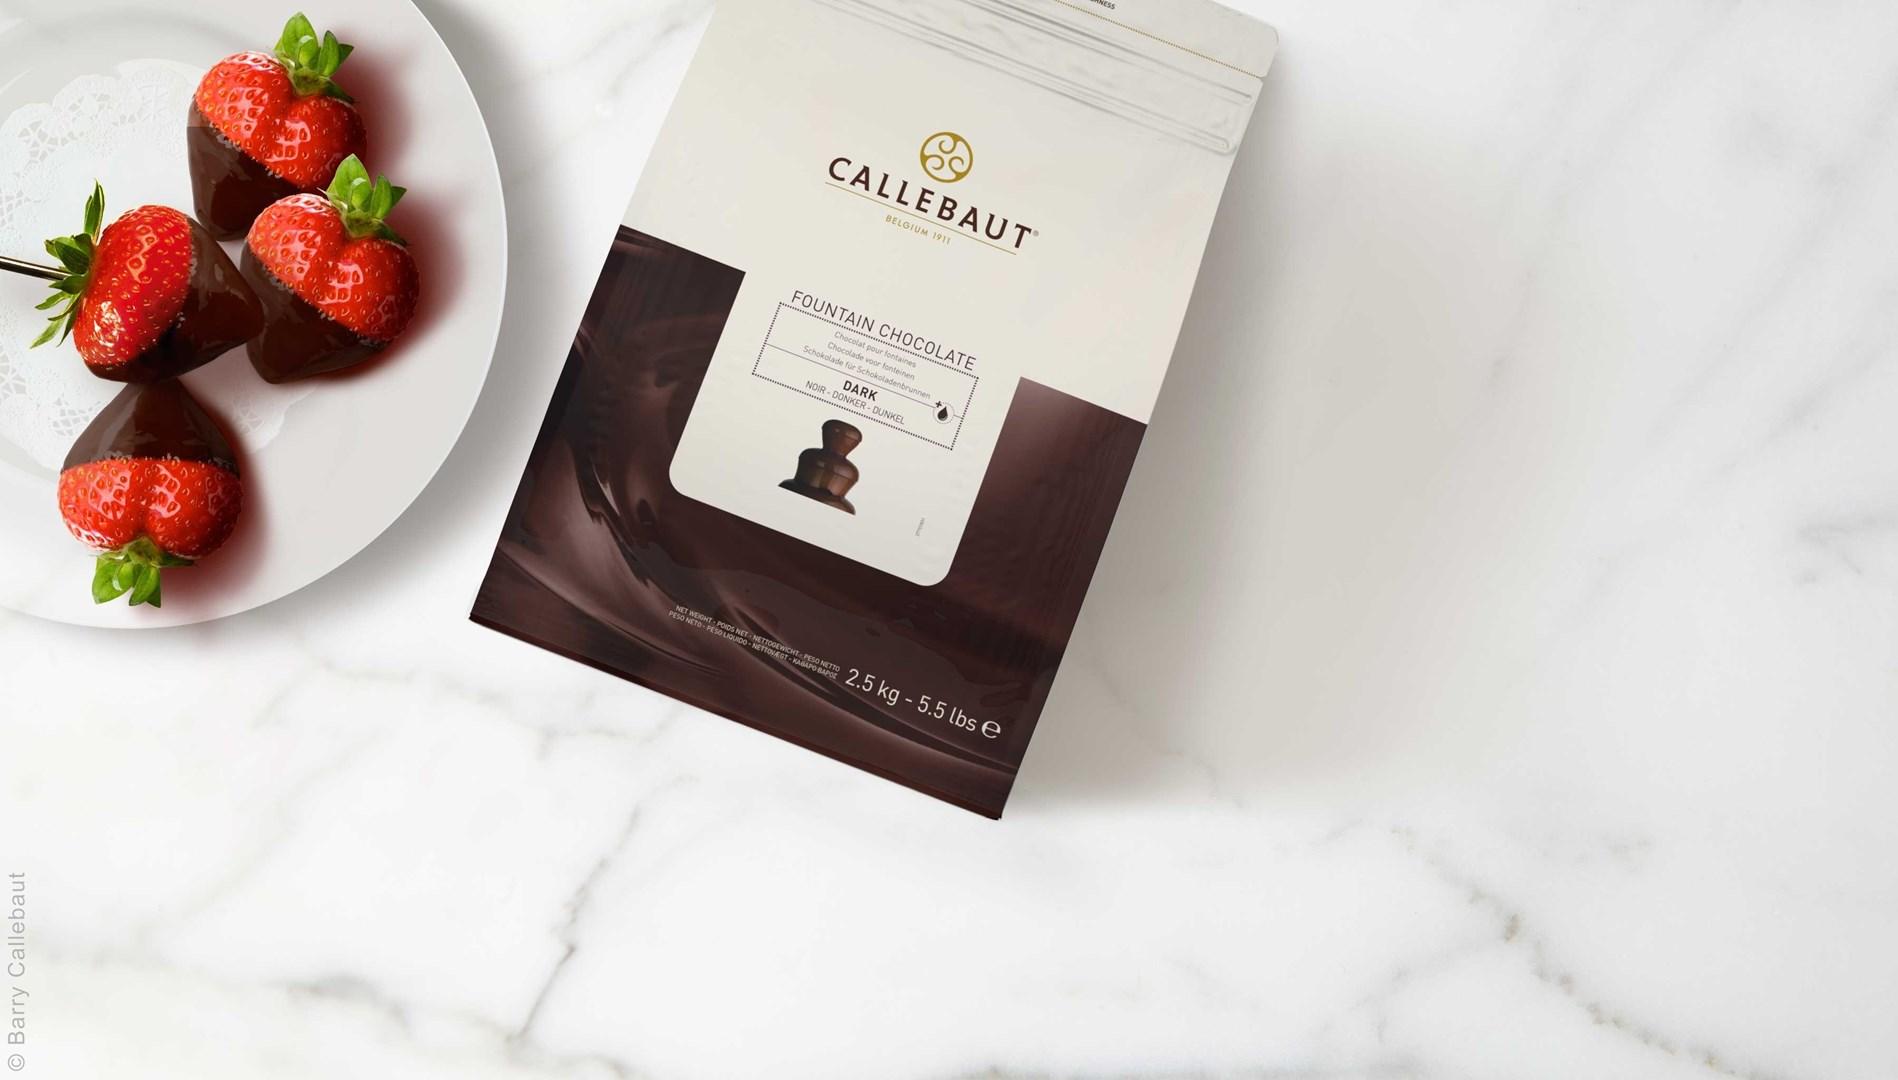 Productafbeelding Callebaut donkere Chocolade Callets voor fonteinen - zak 2,5 kg (57,6%)